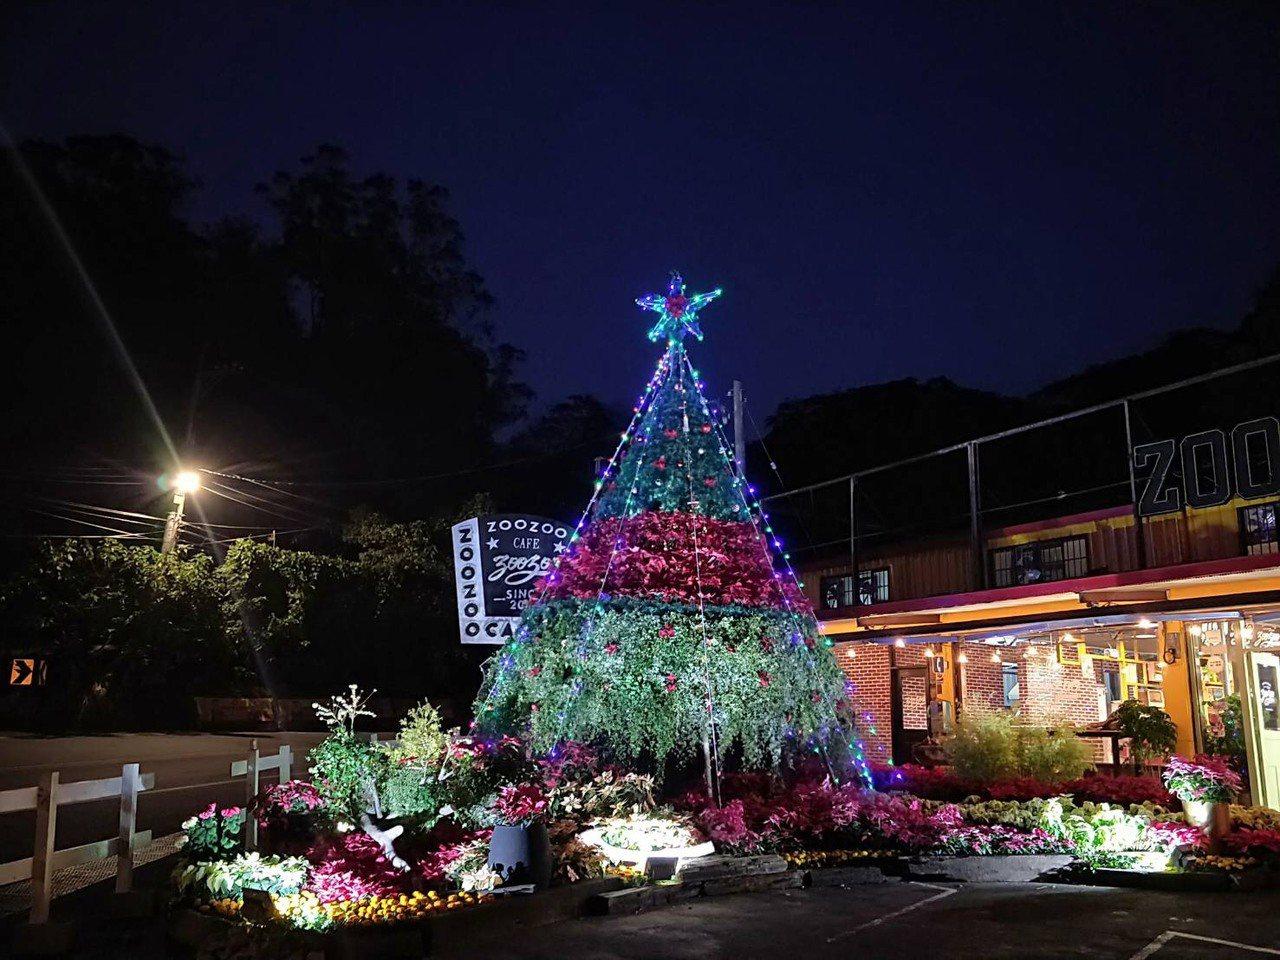 桃園市復興暨大溪區台七桃花源休閒農業區是北台灣重要花卉產地,近3年都選在聖誕節期...